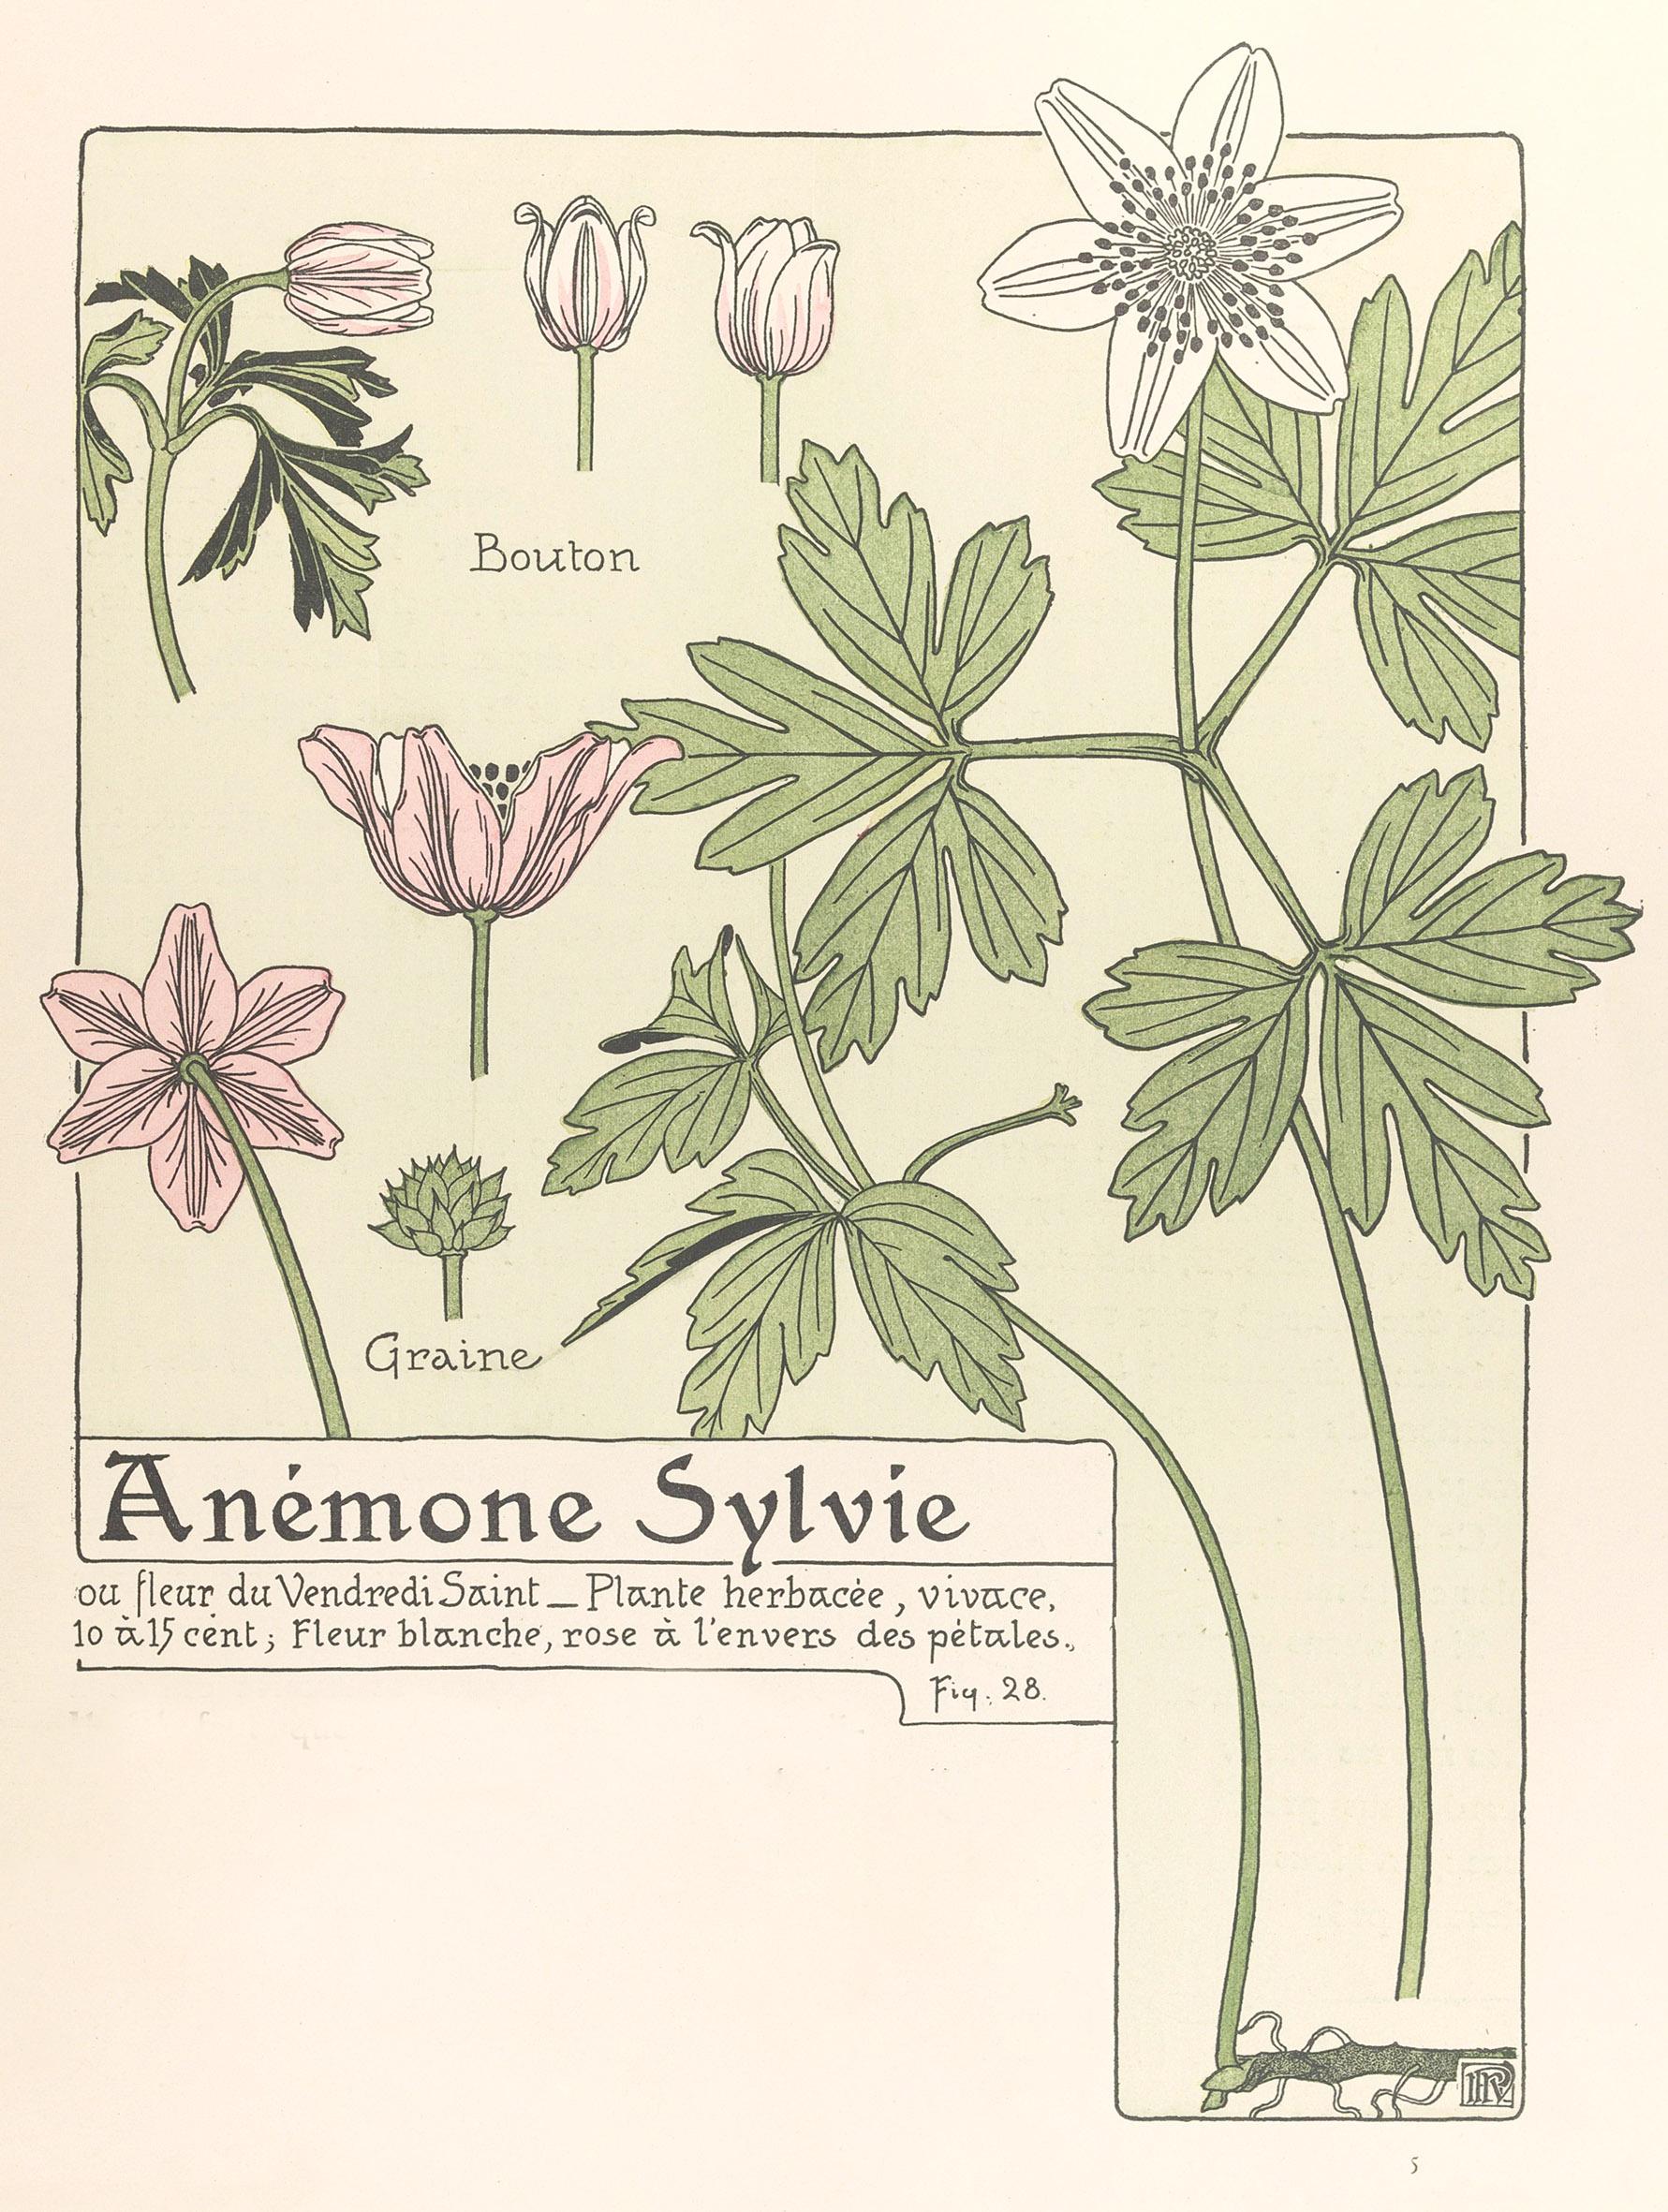 anemone Sylvie -  Etude de la plante / M. P. Verneuil , Gallica